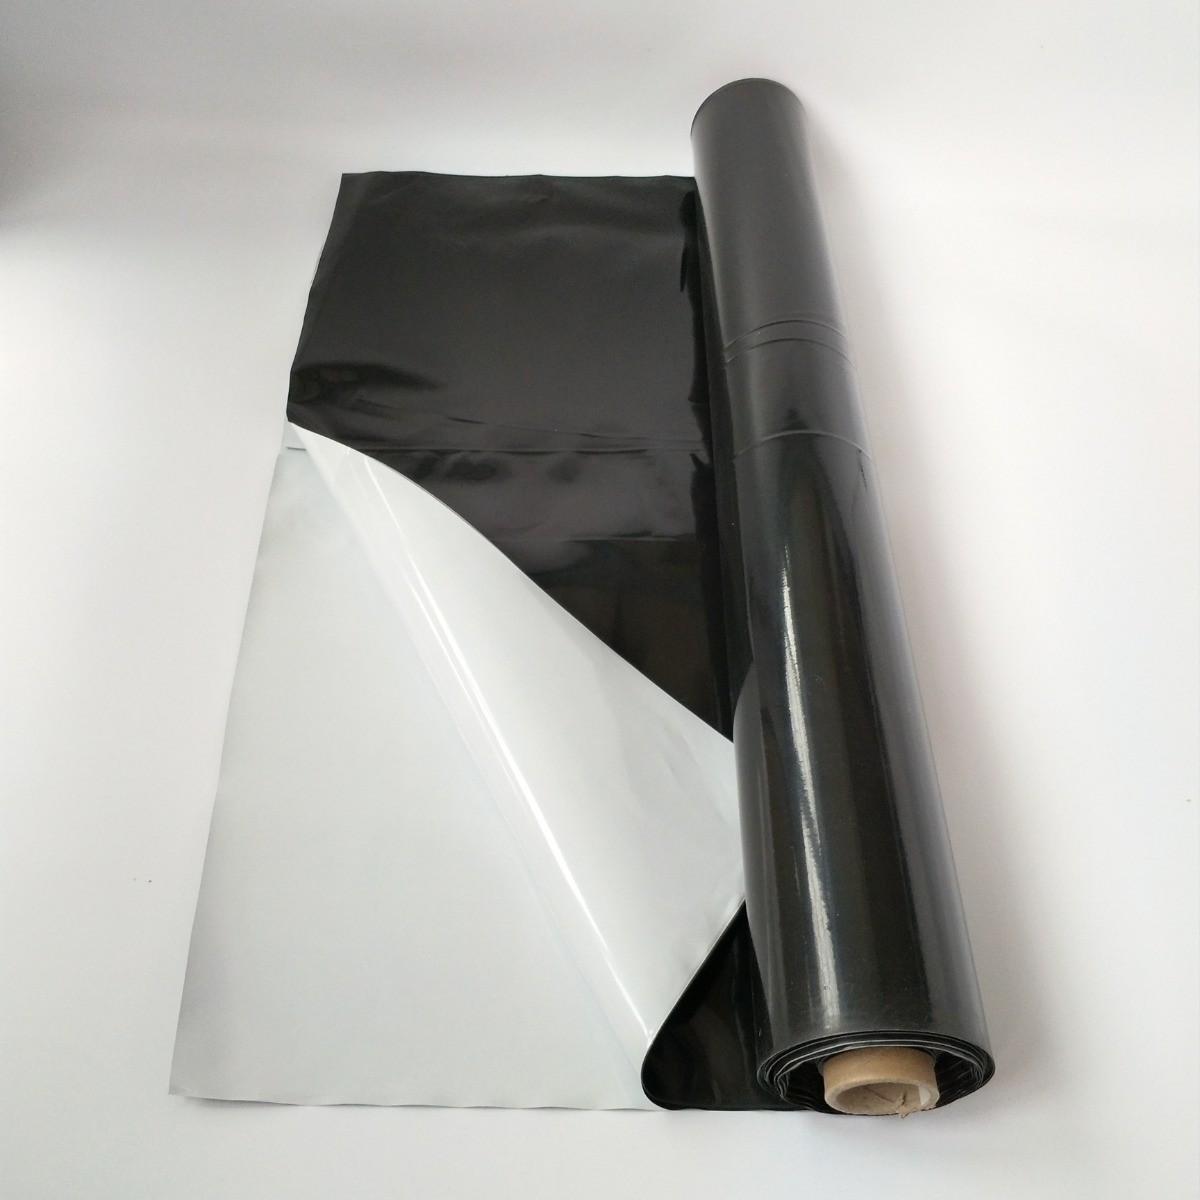 Lona Silagem Nortene Branca/Preta 72kg - 6x66m